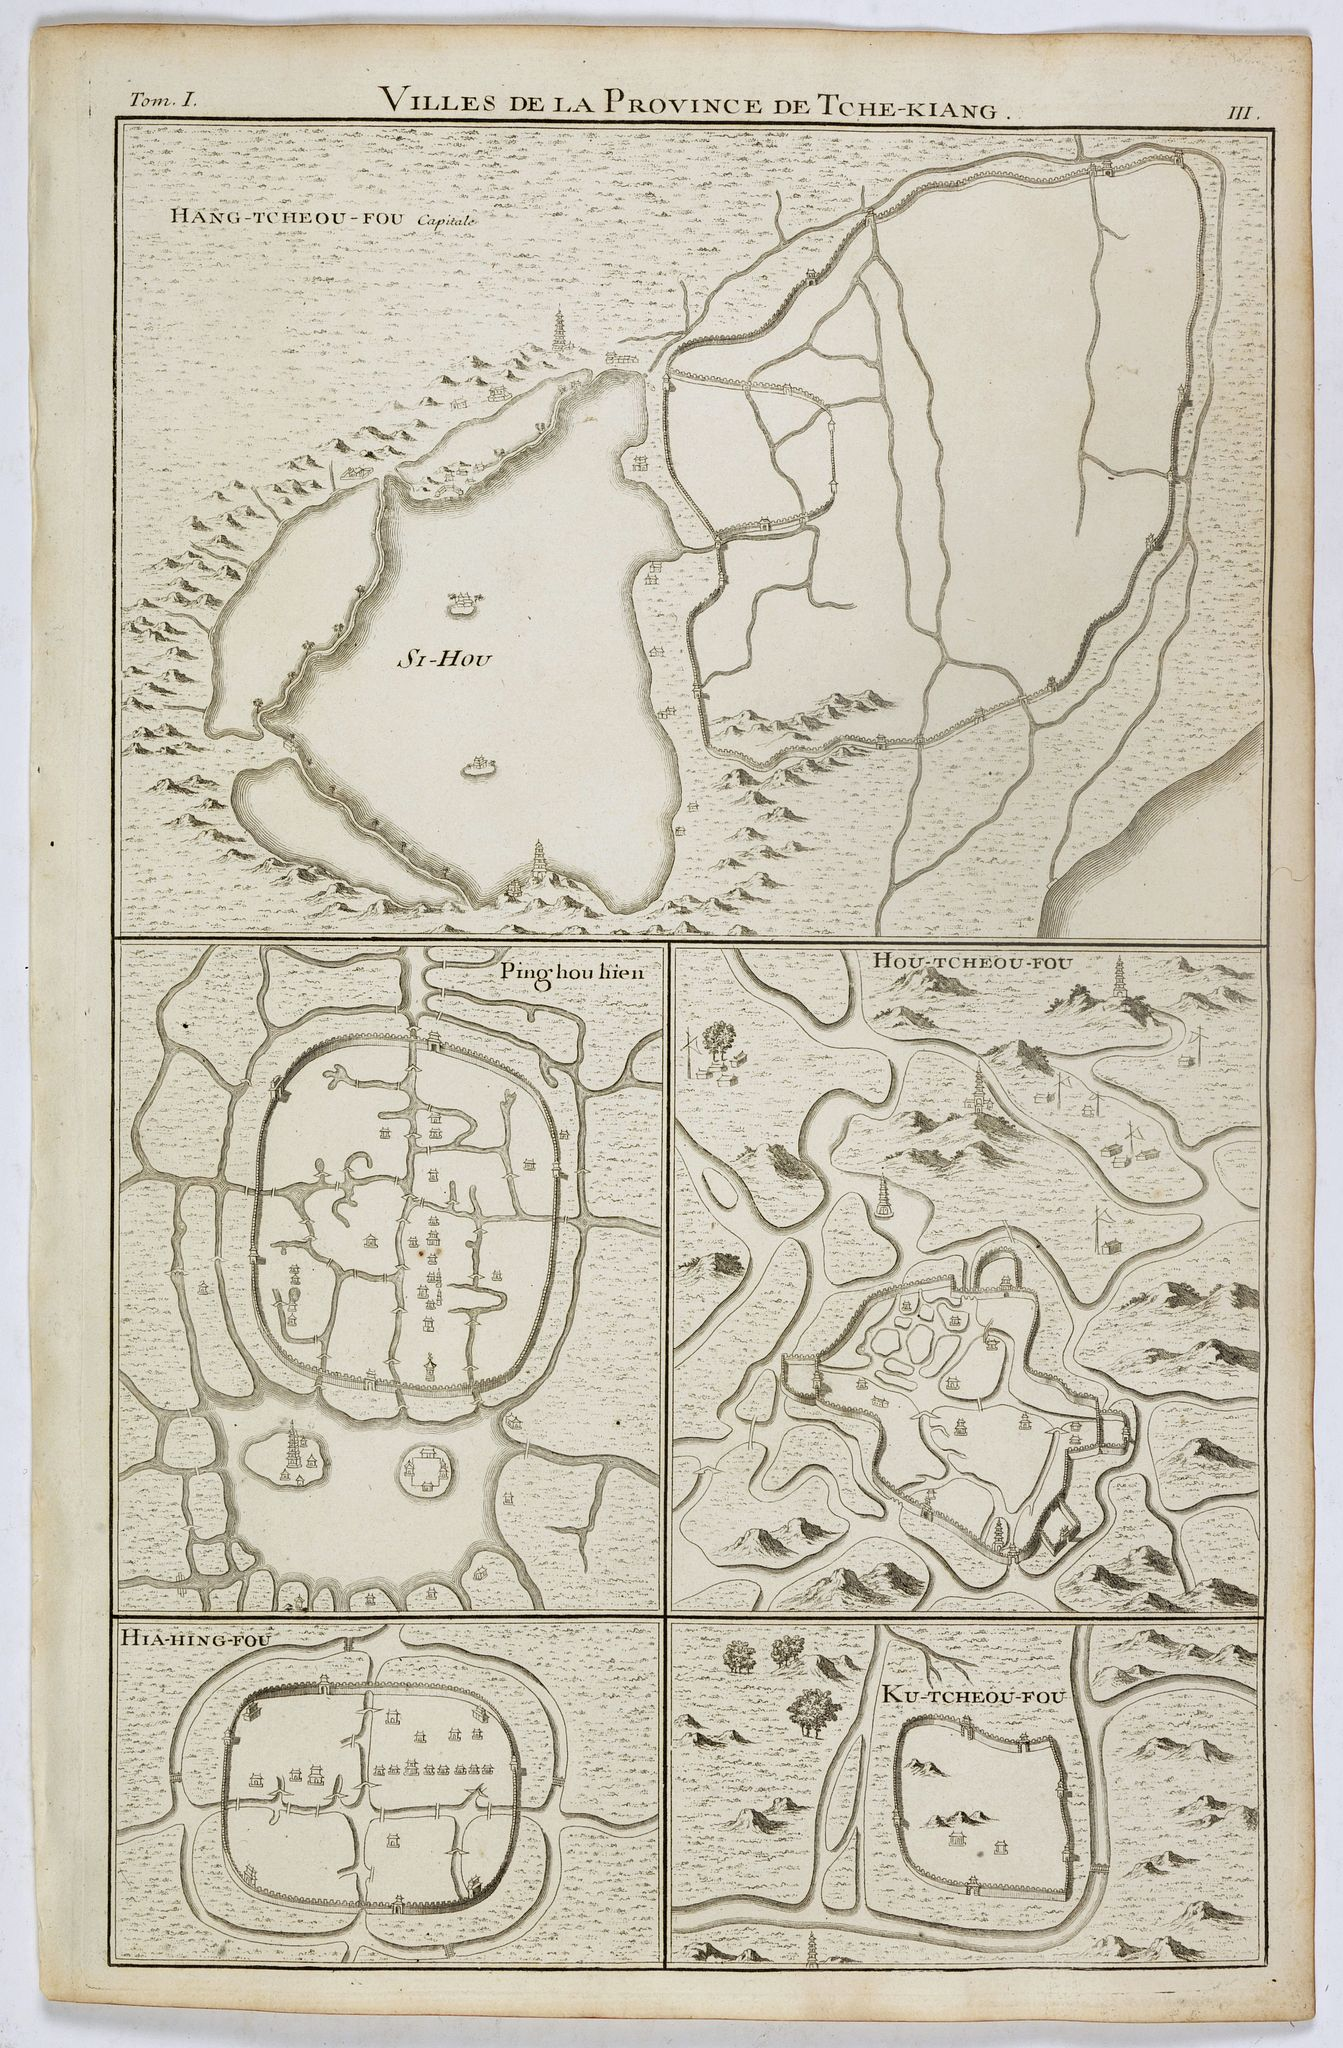 ANVILLE, J.B.D' / DU HALDE, P. -  Villes de la province de Tche-kiang. (Hang-tcheou-fou, Ping hou hien, Hou-tcheou-fou, Hia-hing-fou and Ku-tcheou-fou.)